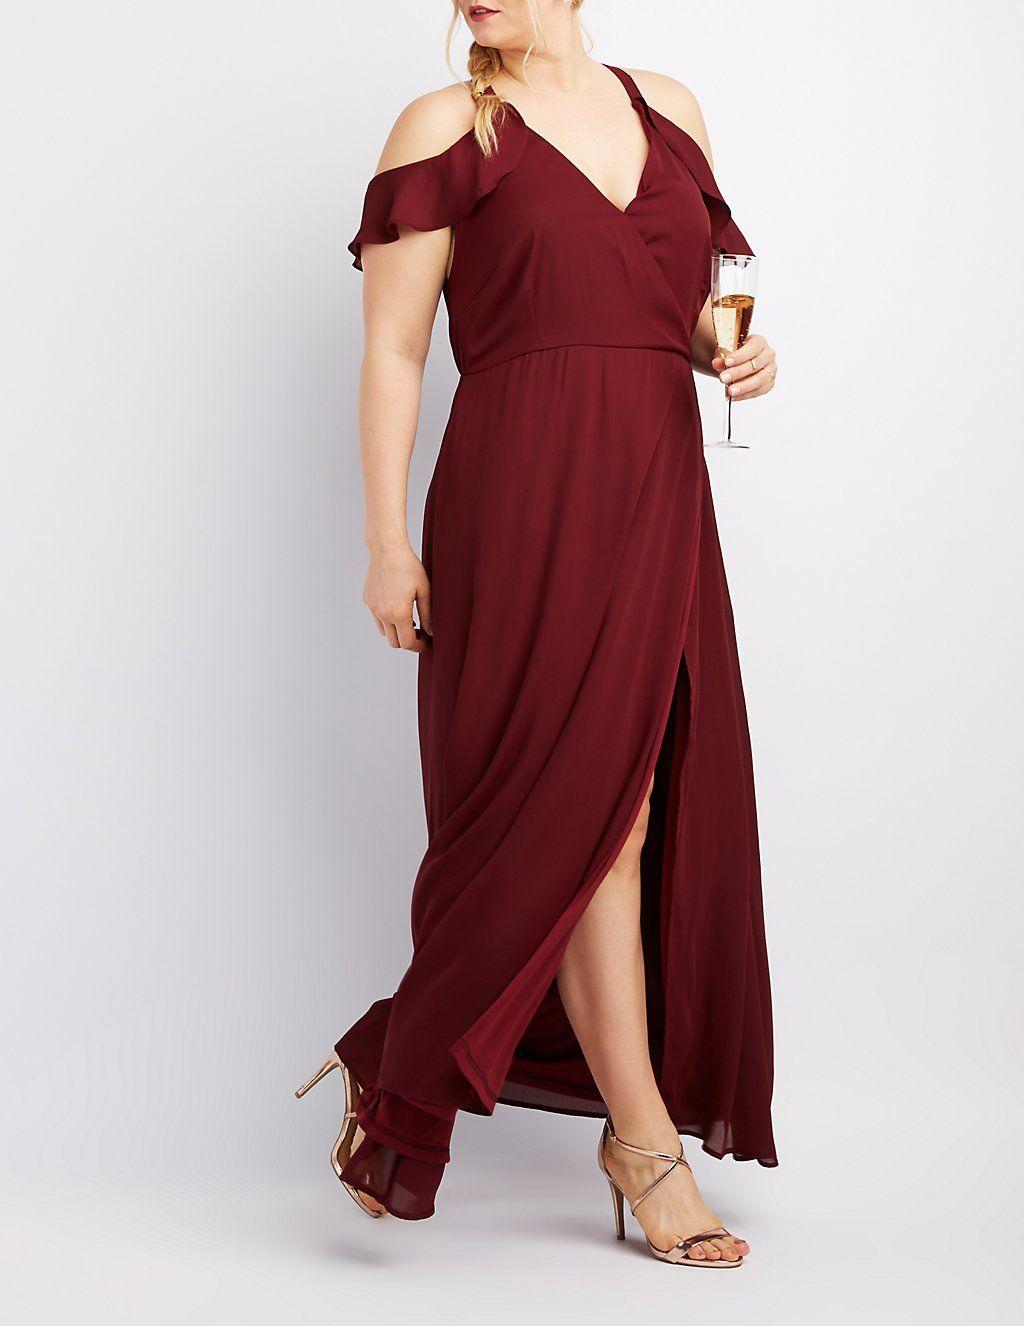 302308163 662 1024 1326 Cold Shoulder Maxi Dress Plus Size Cocktail Dresses Bridesmaid Dresses Plus Size